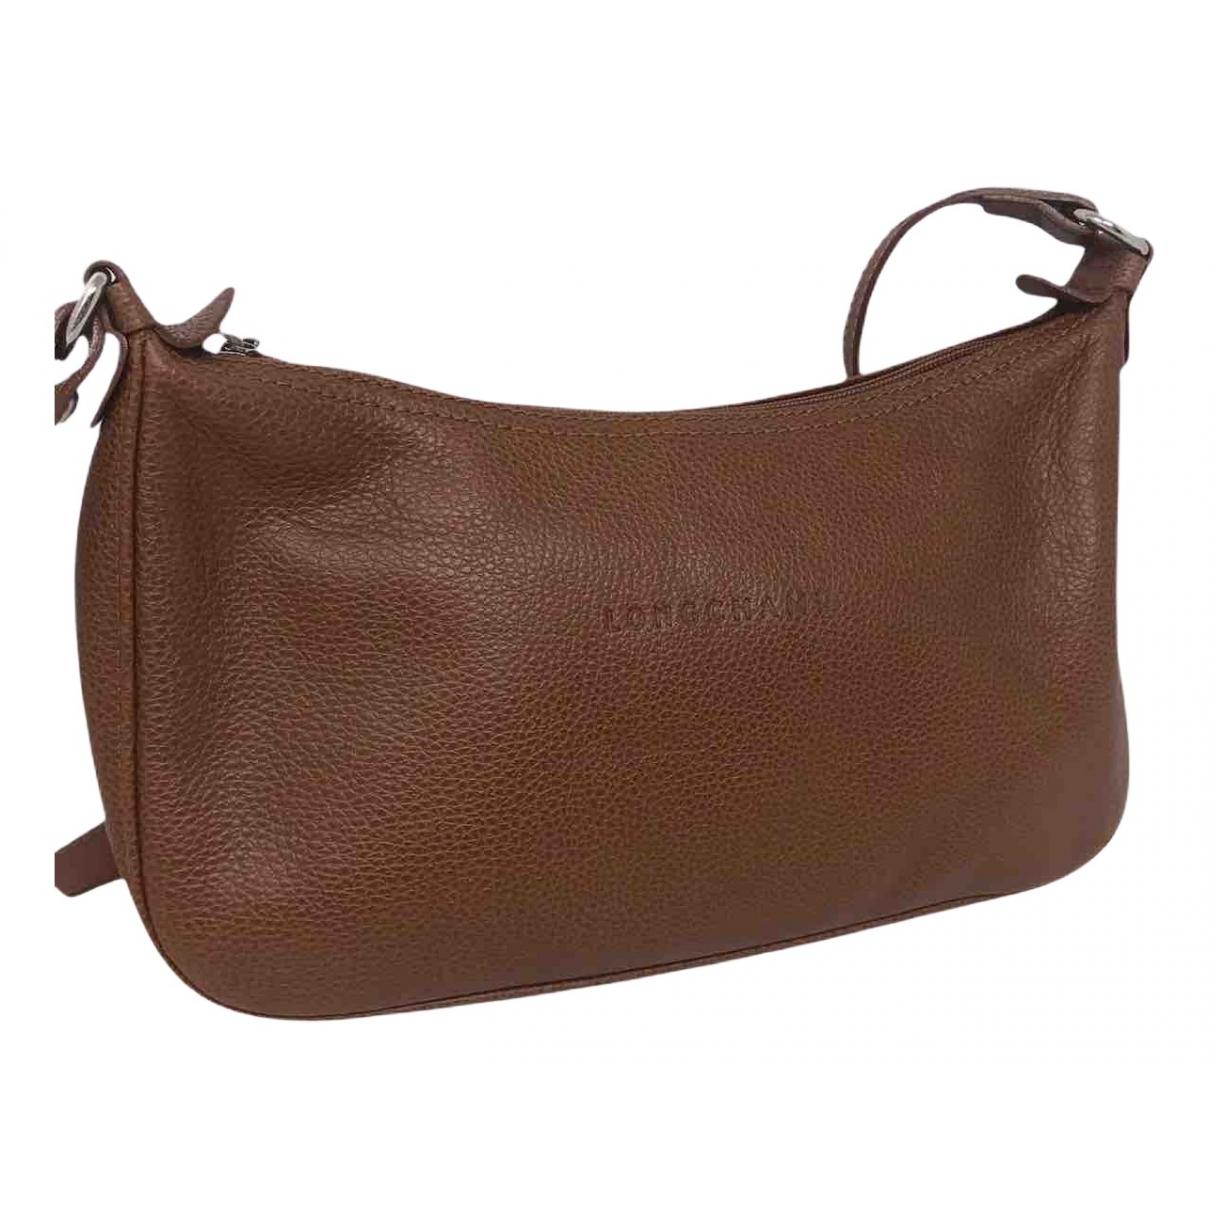 Longchamp - Sac a main   pour femme en cuir - marron